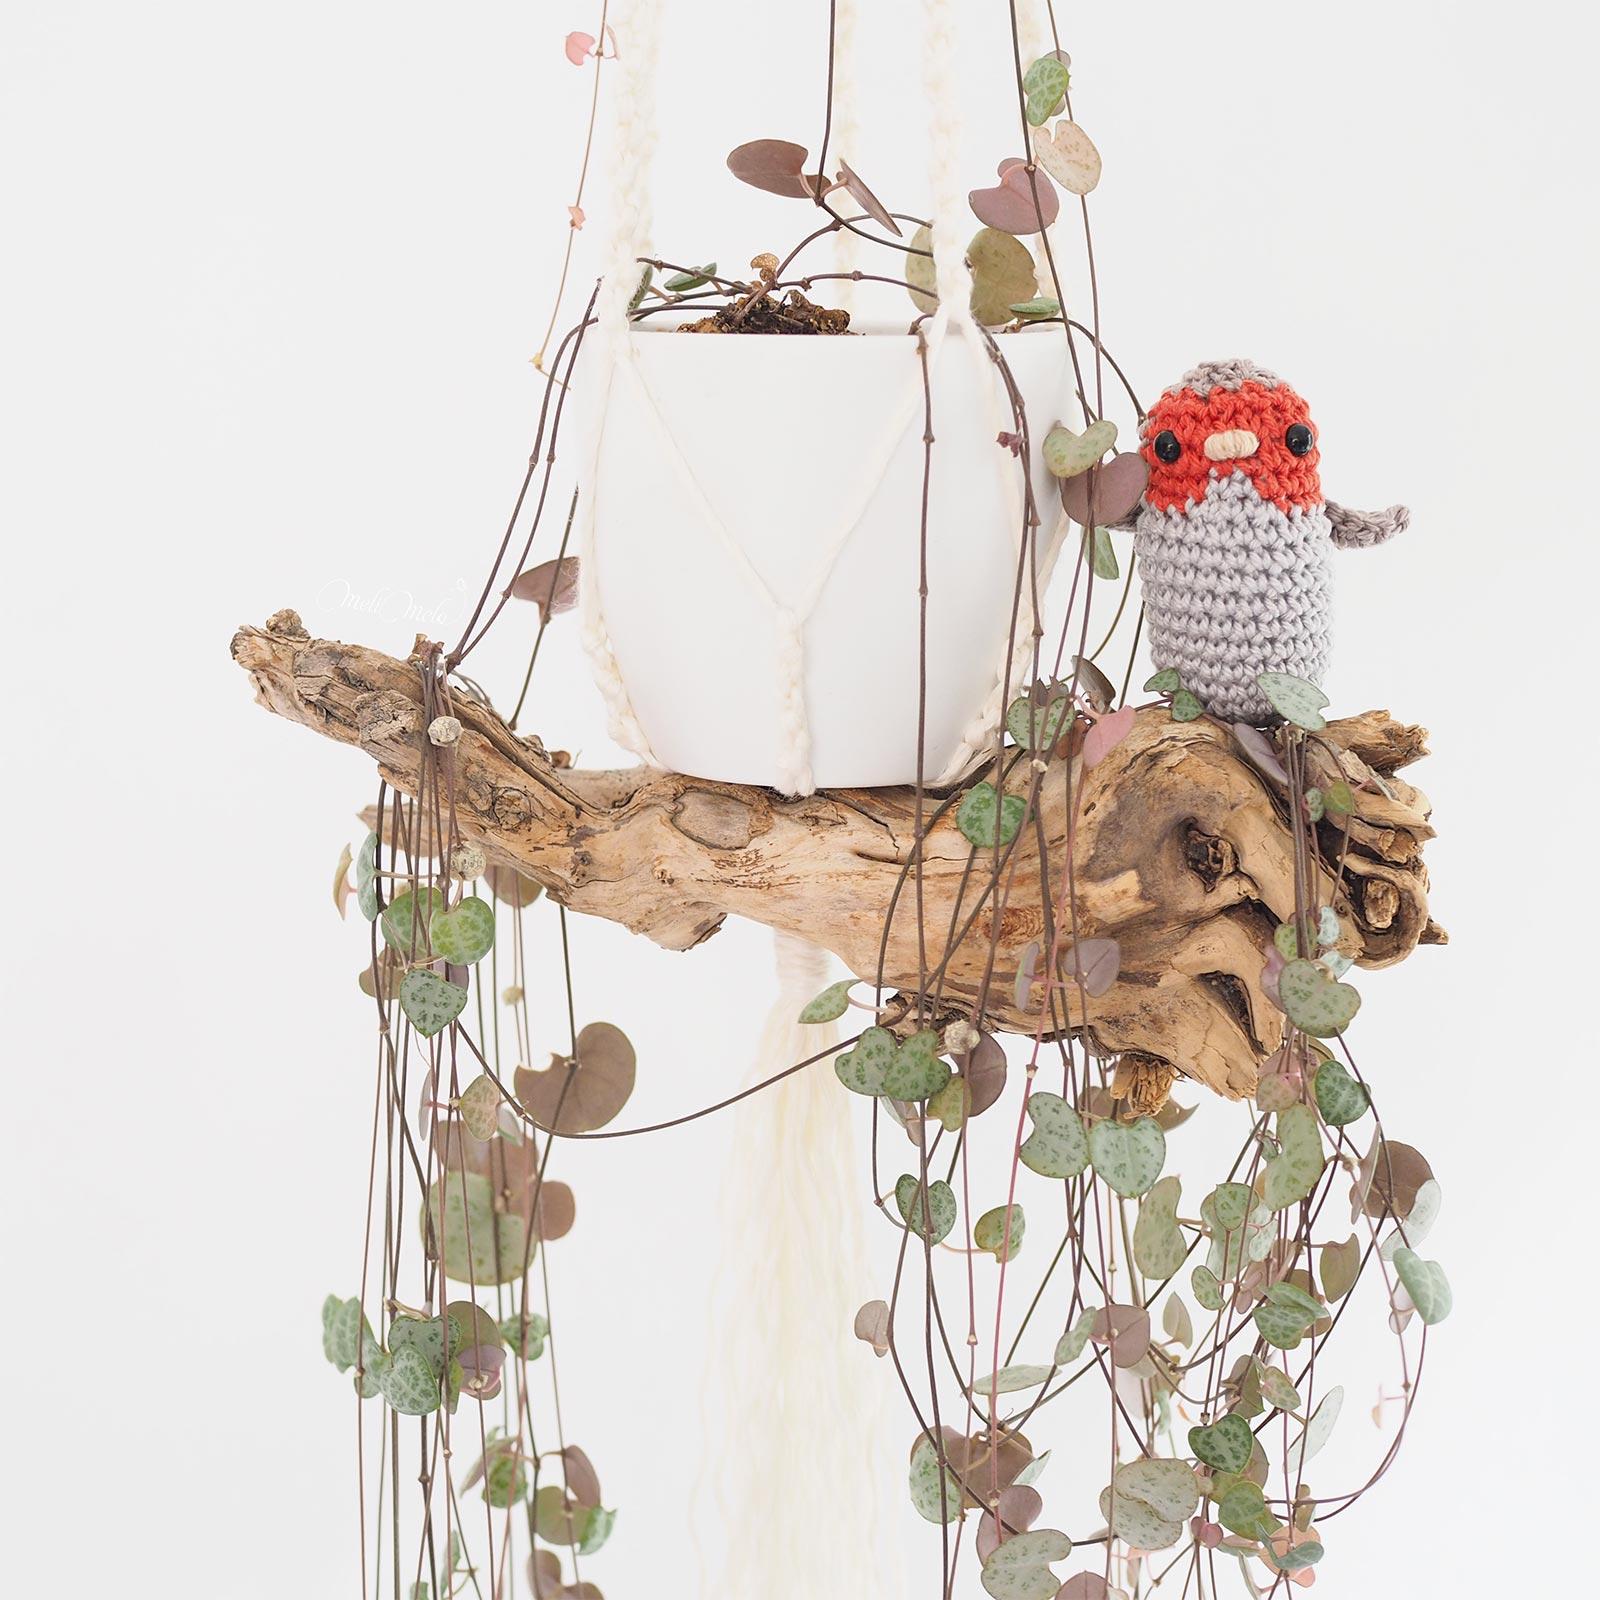 suspension bois ceropegia woodii crochet oiseau rouge-gorge Boutique MeliMelo